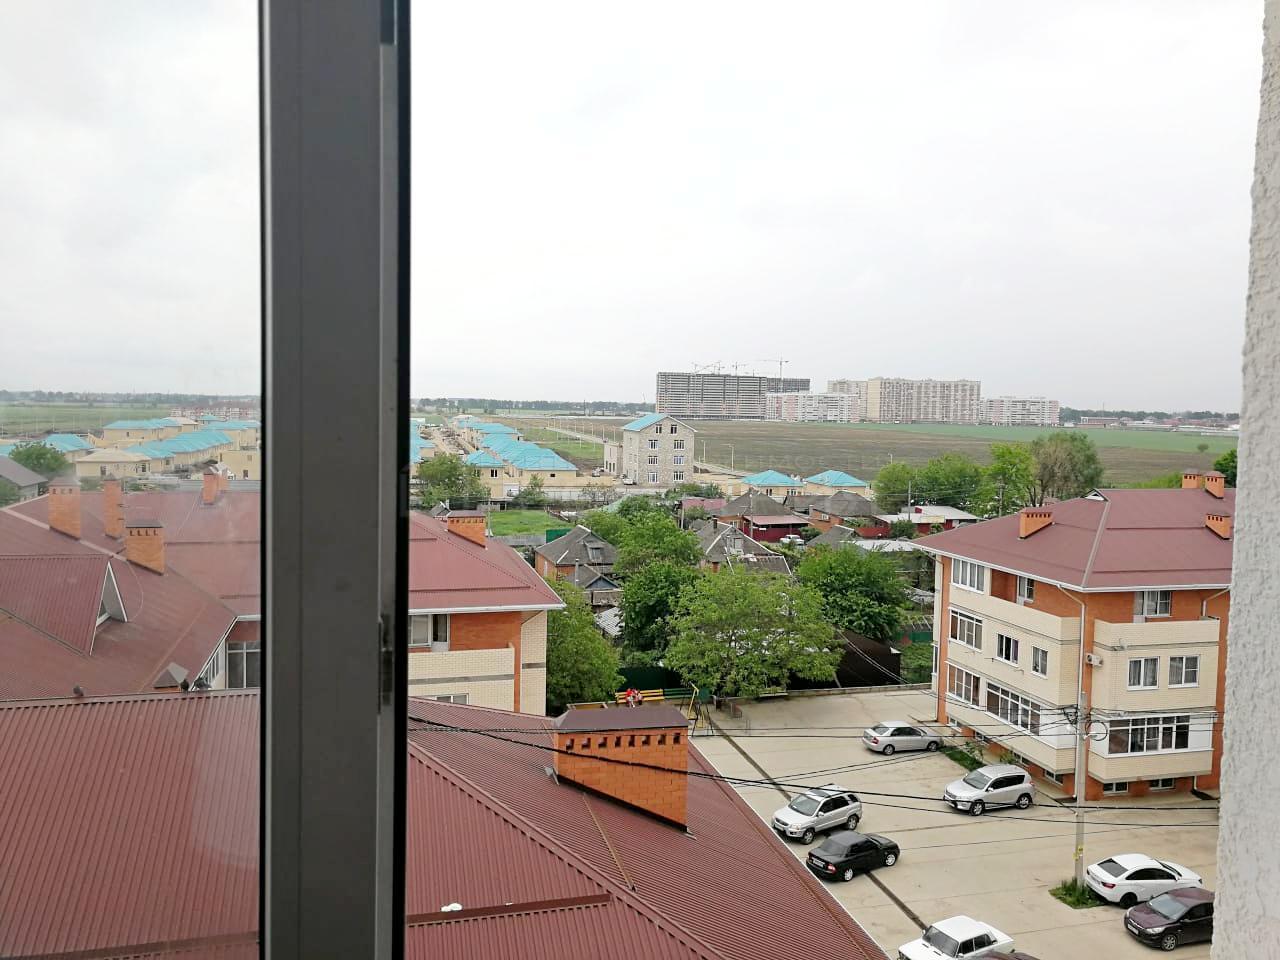 Продам 1-комн. квартиру по адресу Россия, Краснодарский край, городской округ Краснодар, Краснодар, 2-й Красивый переулок, 8 фото 6 по выгодной цене